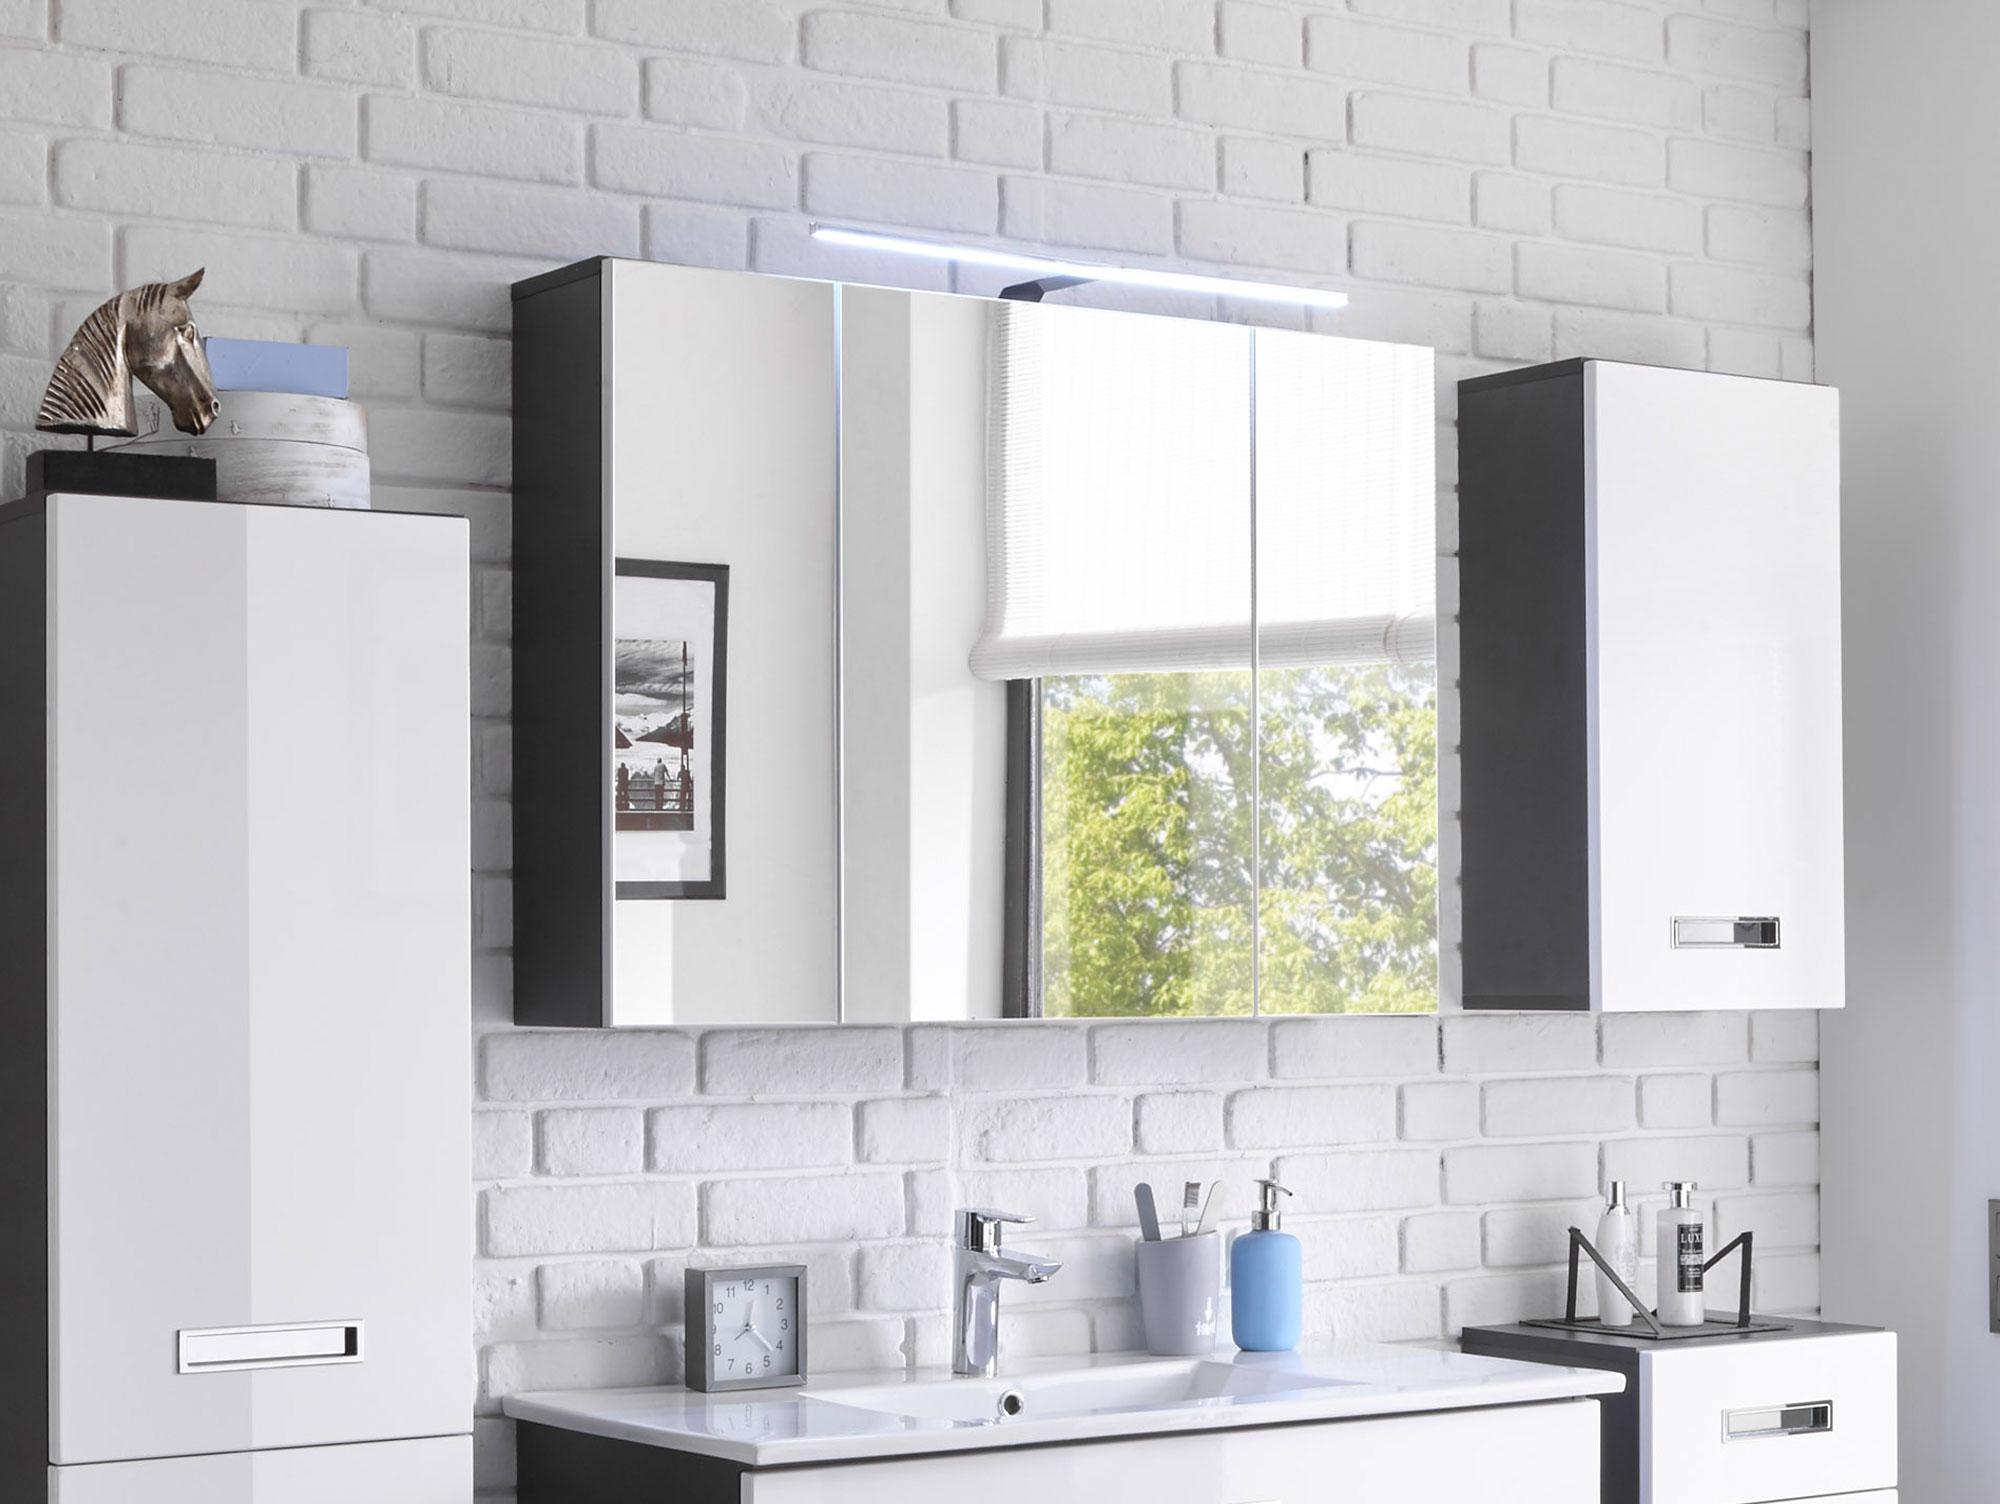 abe00130-spiegelschrank-may Spannende Spiegelschrank Mit Led Beleuchtung Dekorationen